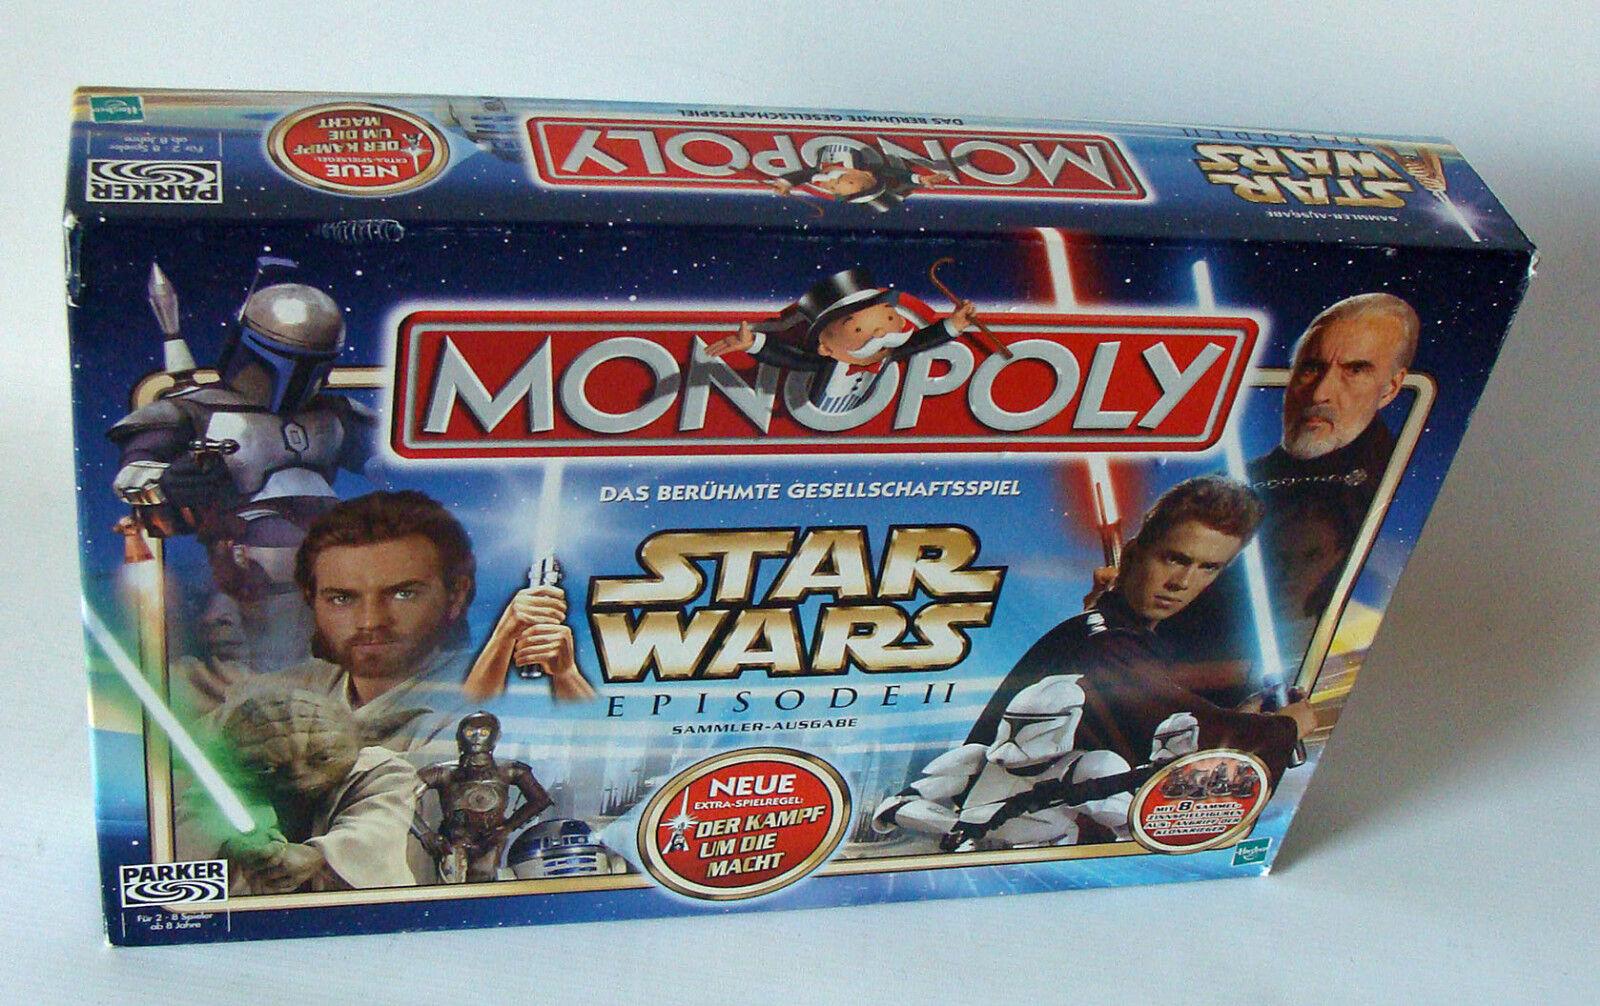 Monopoly Star Wars - Episode II Für 2-8 Spieler Hasbro ohne Folie 8+ - Neu